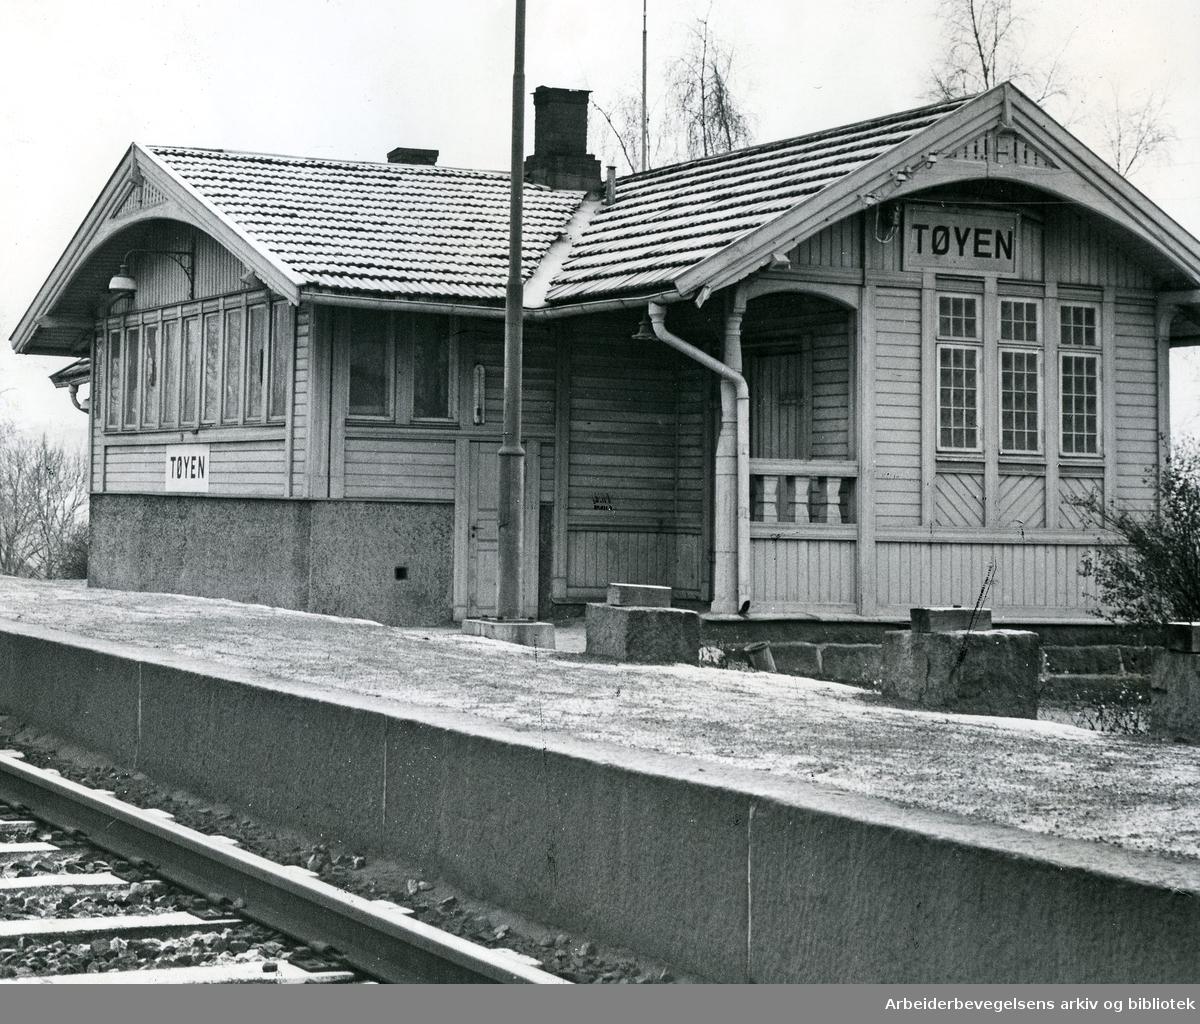 Tøyen stasjon, november 1965